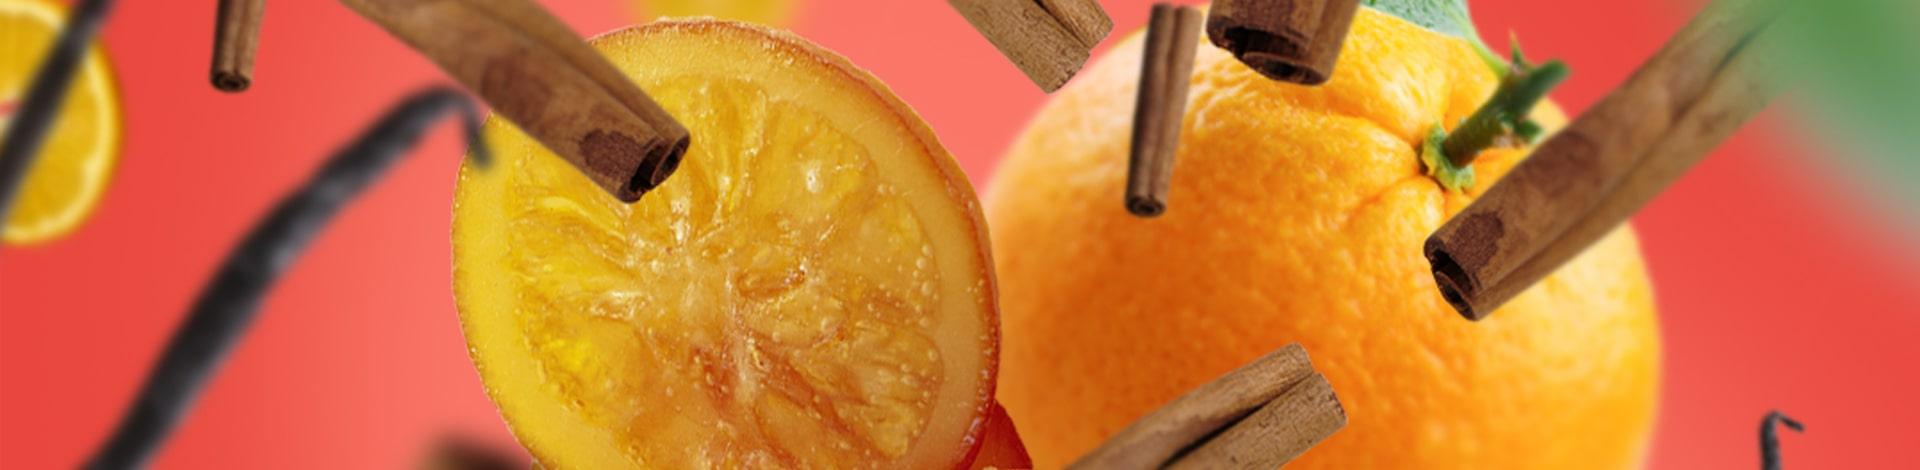 Bannière Orange de Cannelle